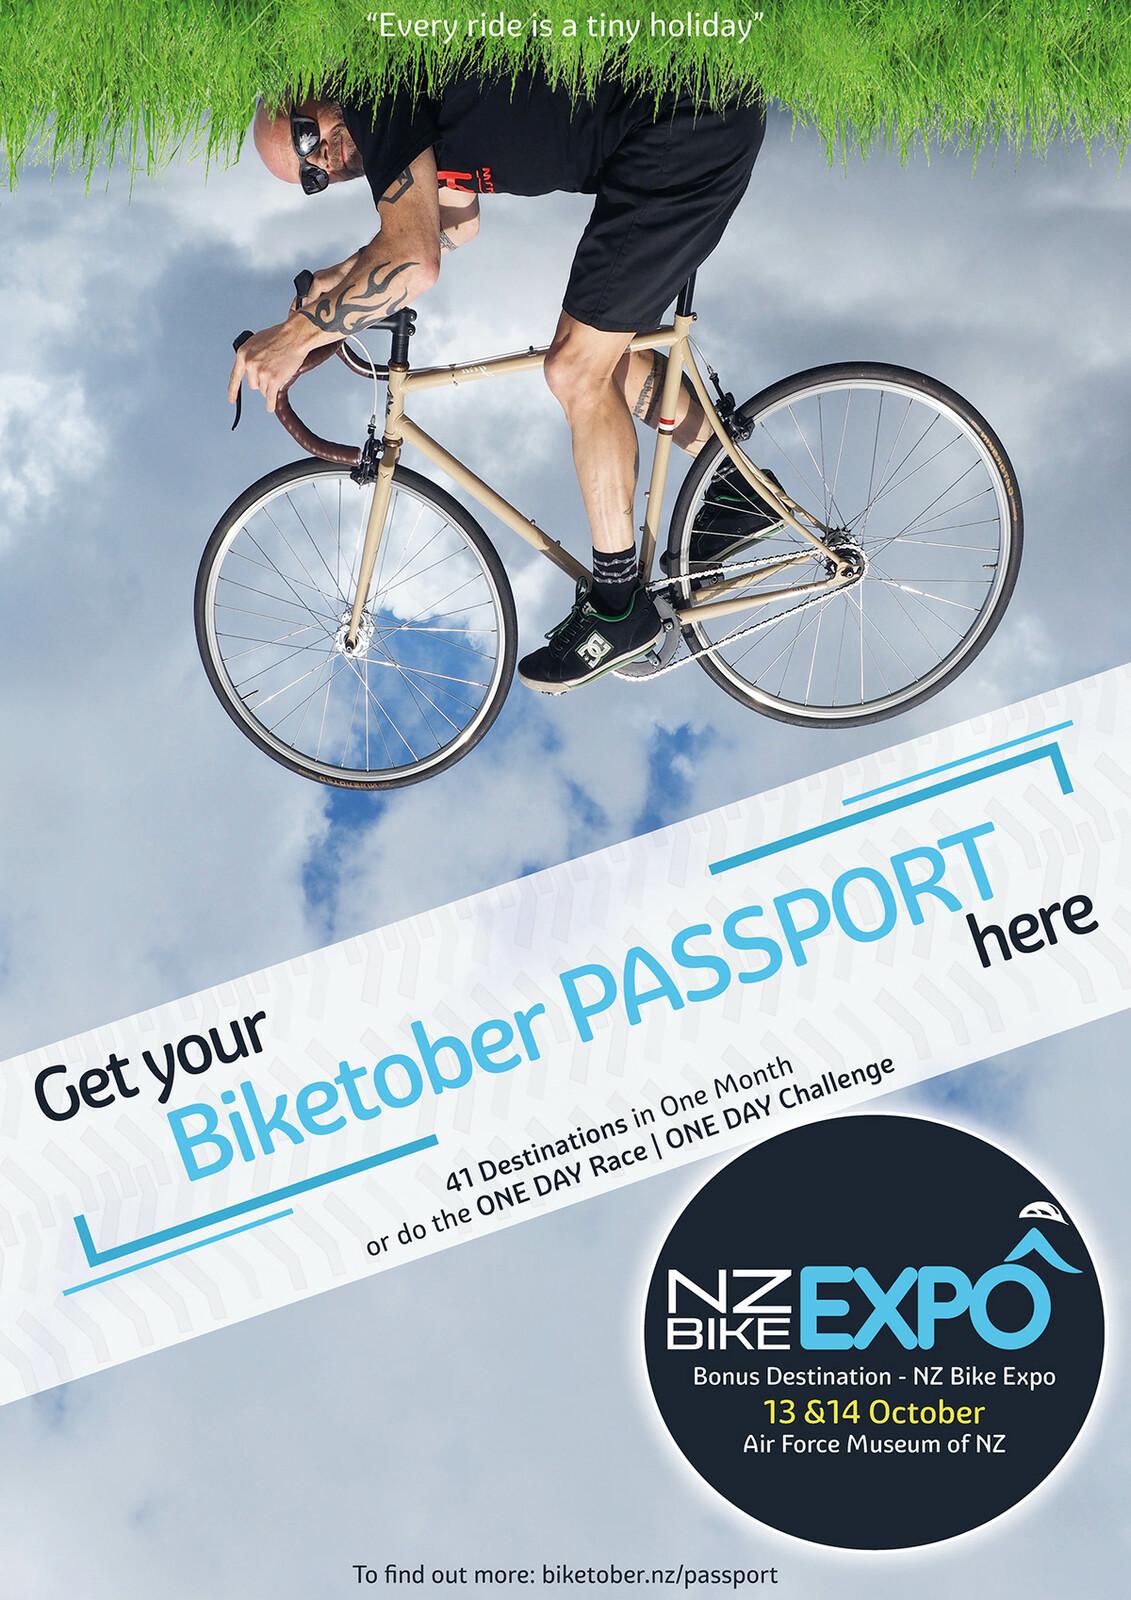 Biketober Passport Poster